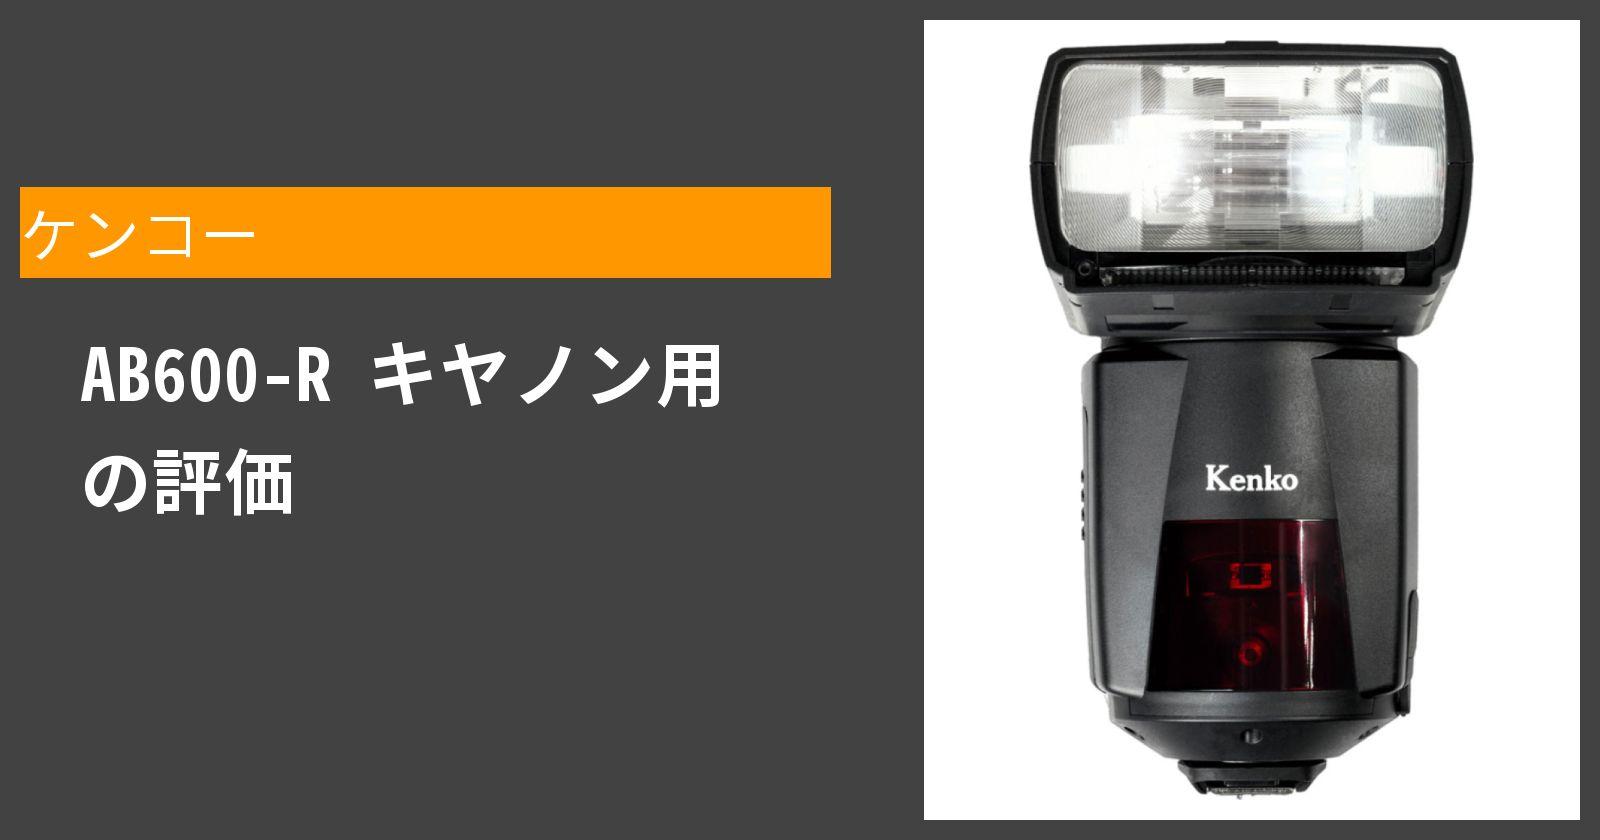 AB600-R キヤノン用を徹底評価